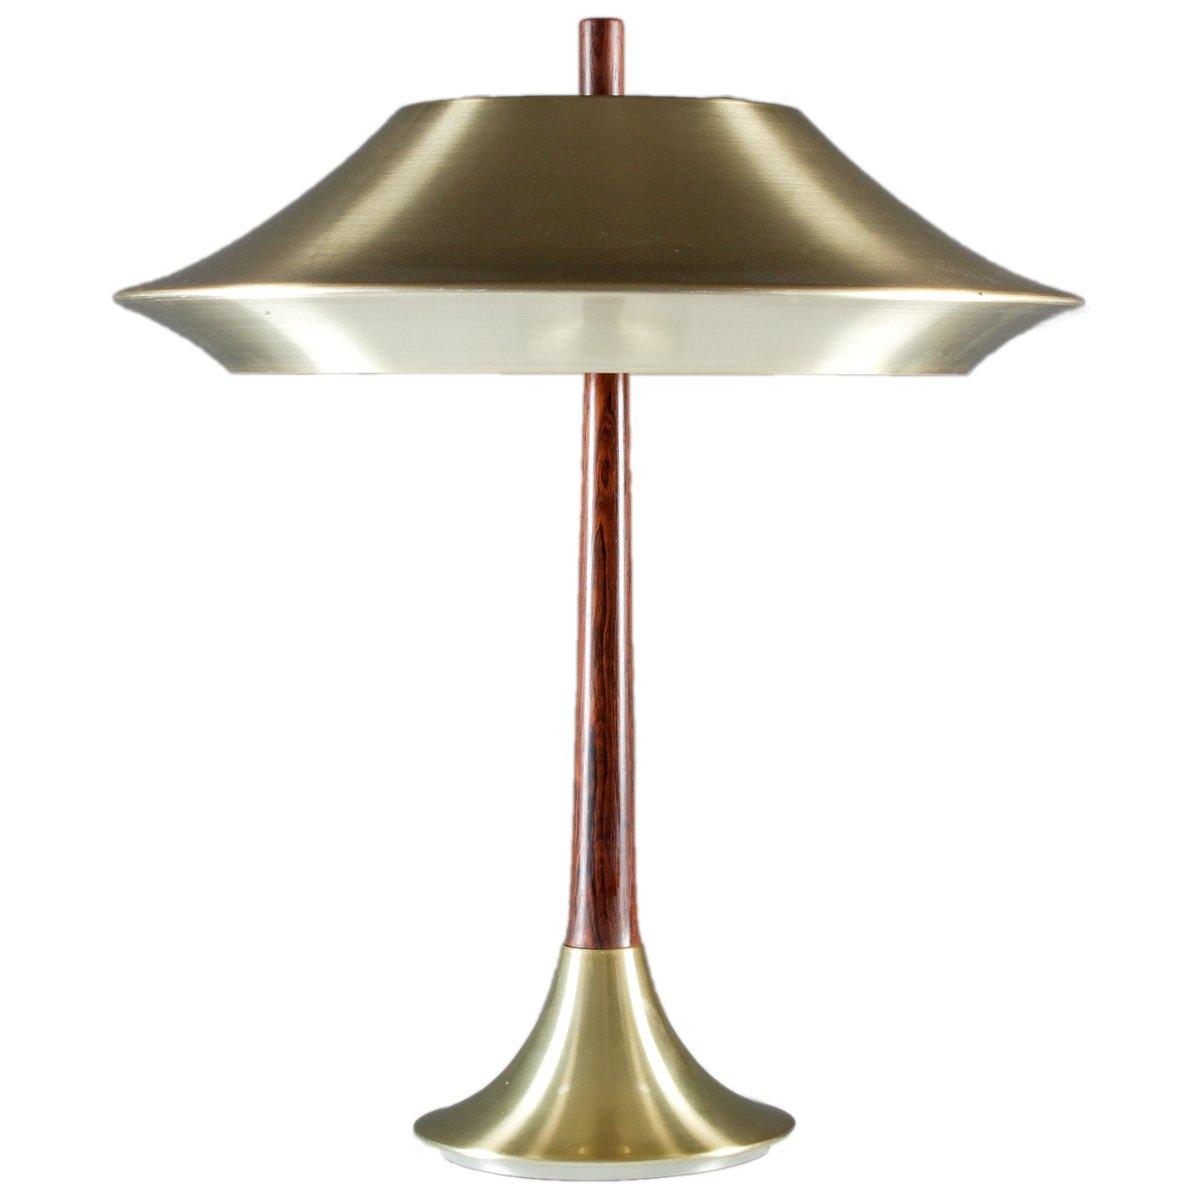 Dänische Tischlampe aus Palisander & Metall, 1960er